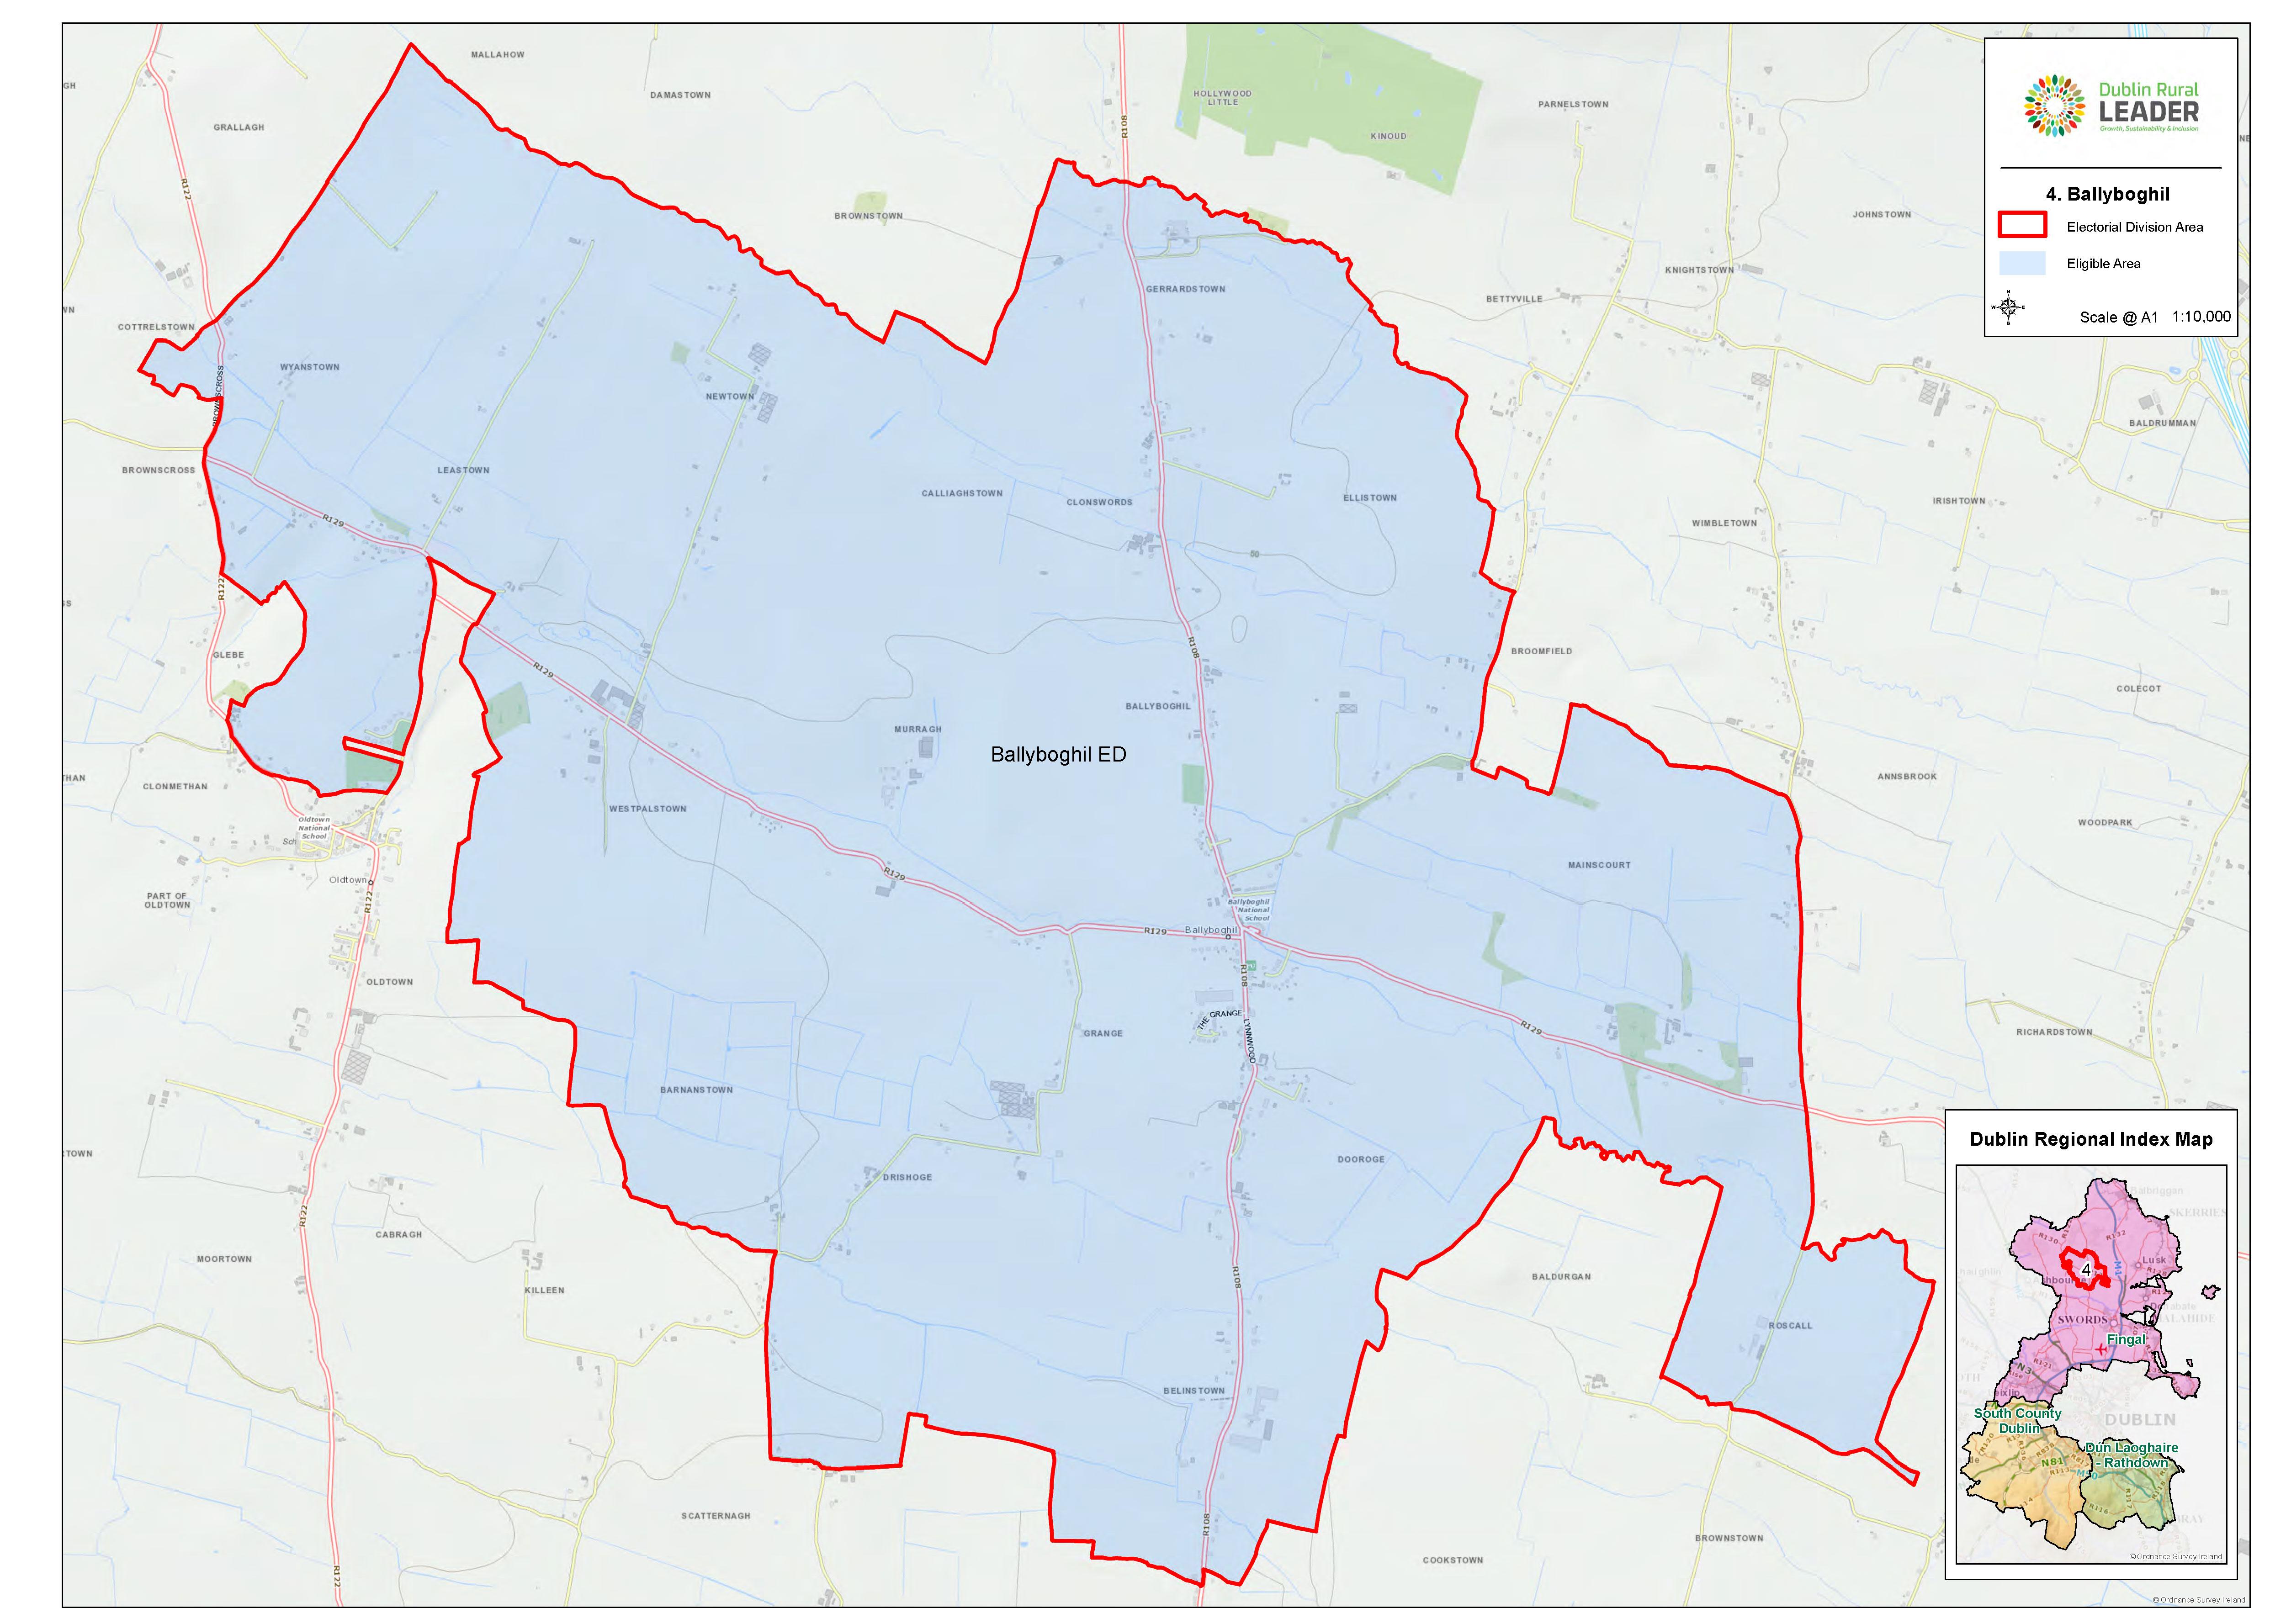 dublin_rural_leader_area_04-ballyboghall